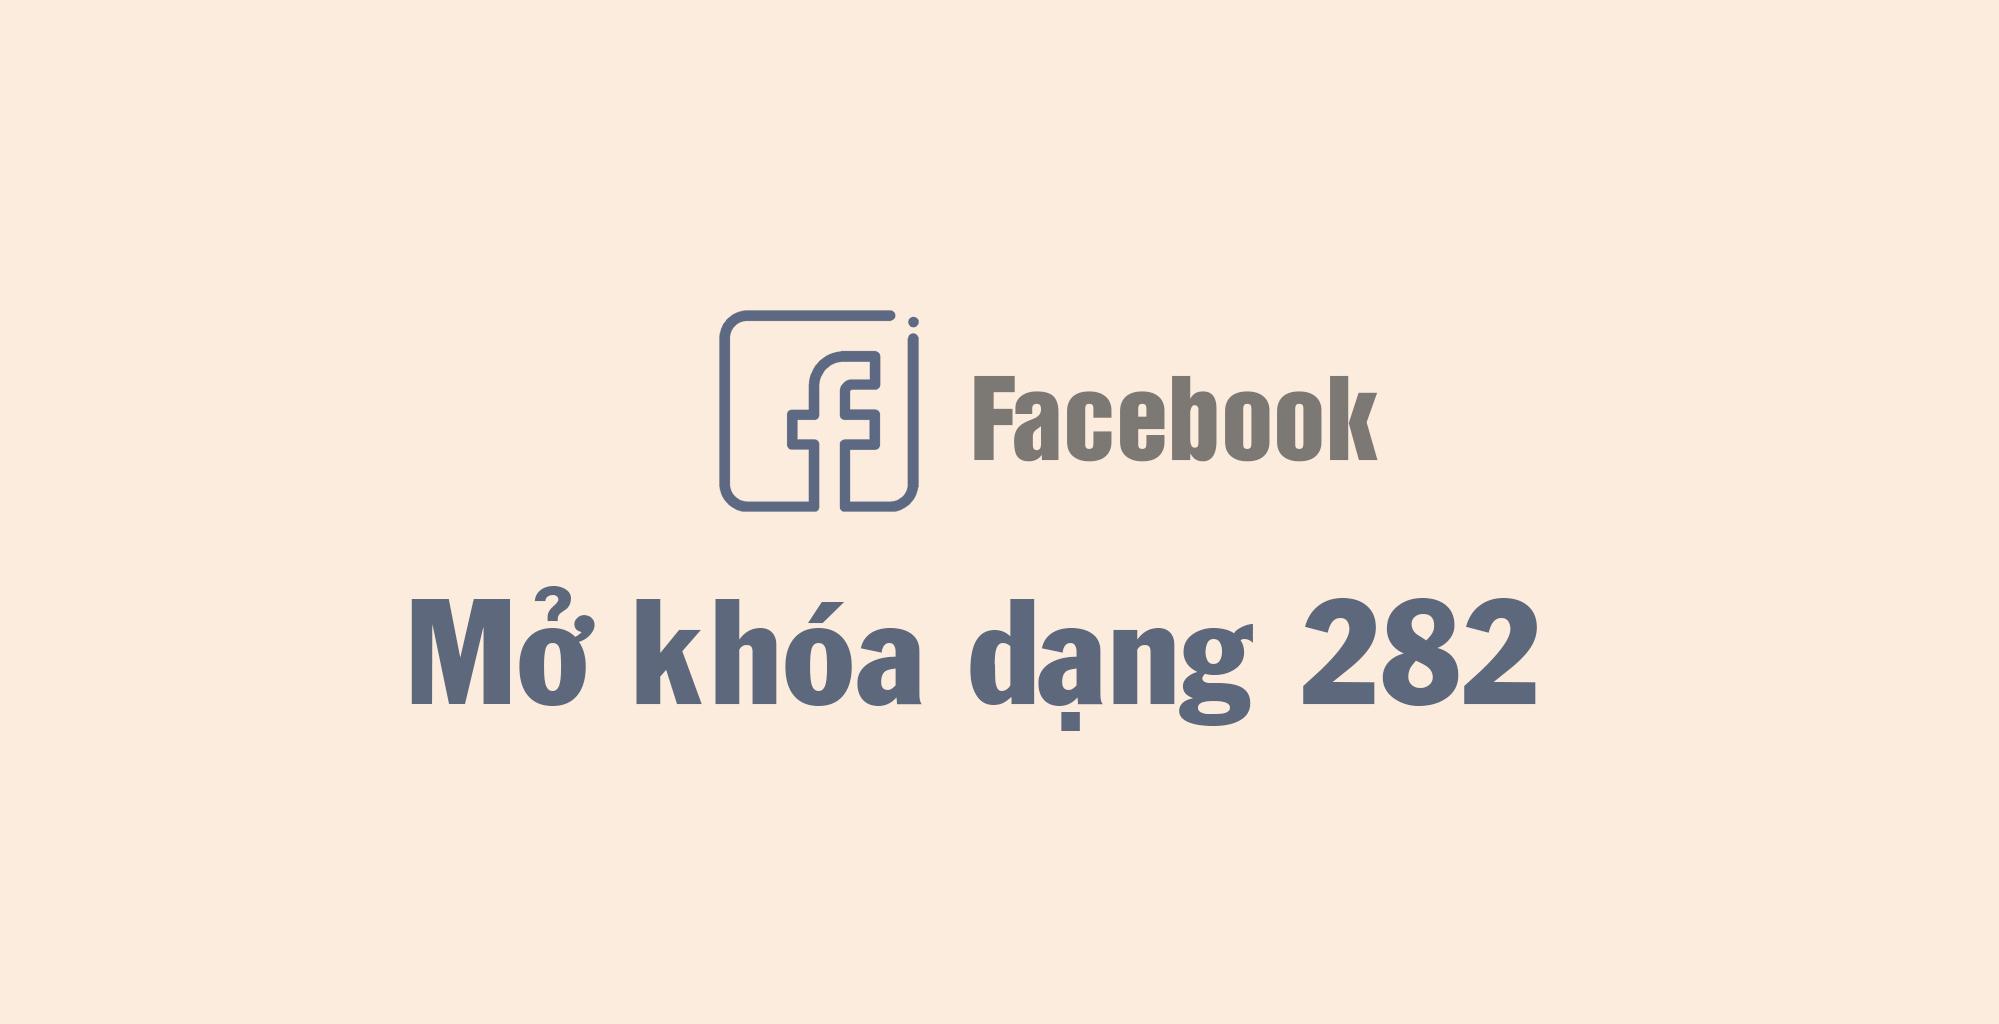 Hướng dẫn mở khóa Facebook dạng 282 vi phạm tiêu chuẩn cộng đồng